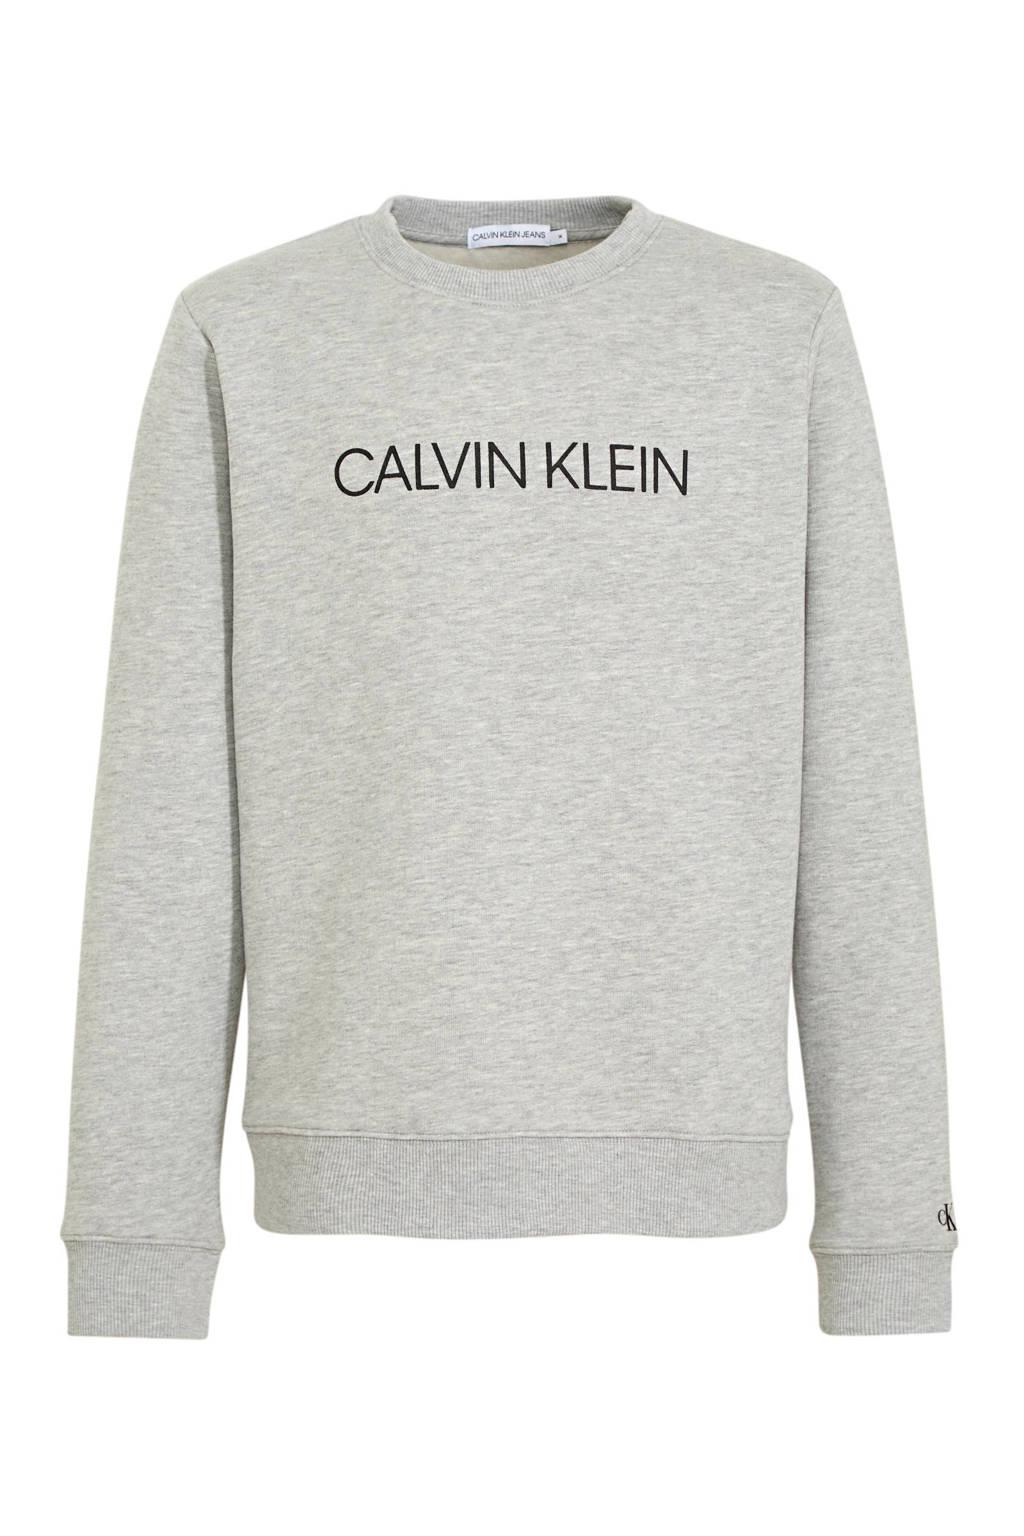 CALVIN KLEIN JEANS sweater met logo lichtgrijs, Lichtgrijs